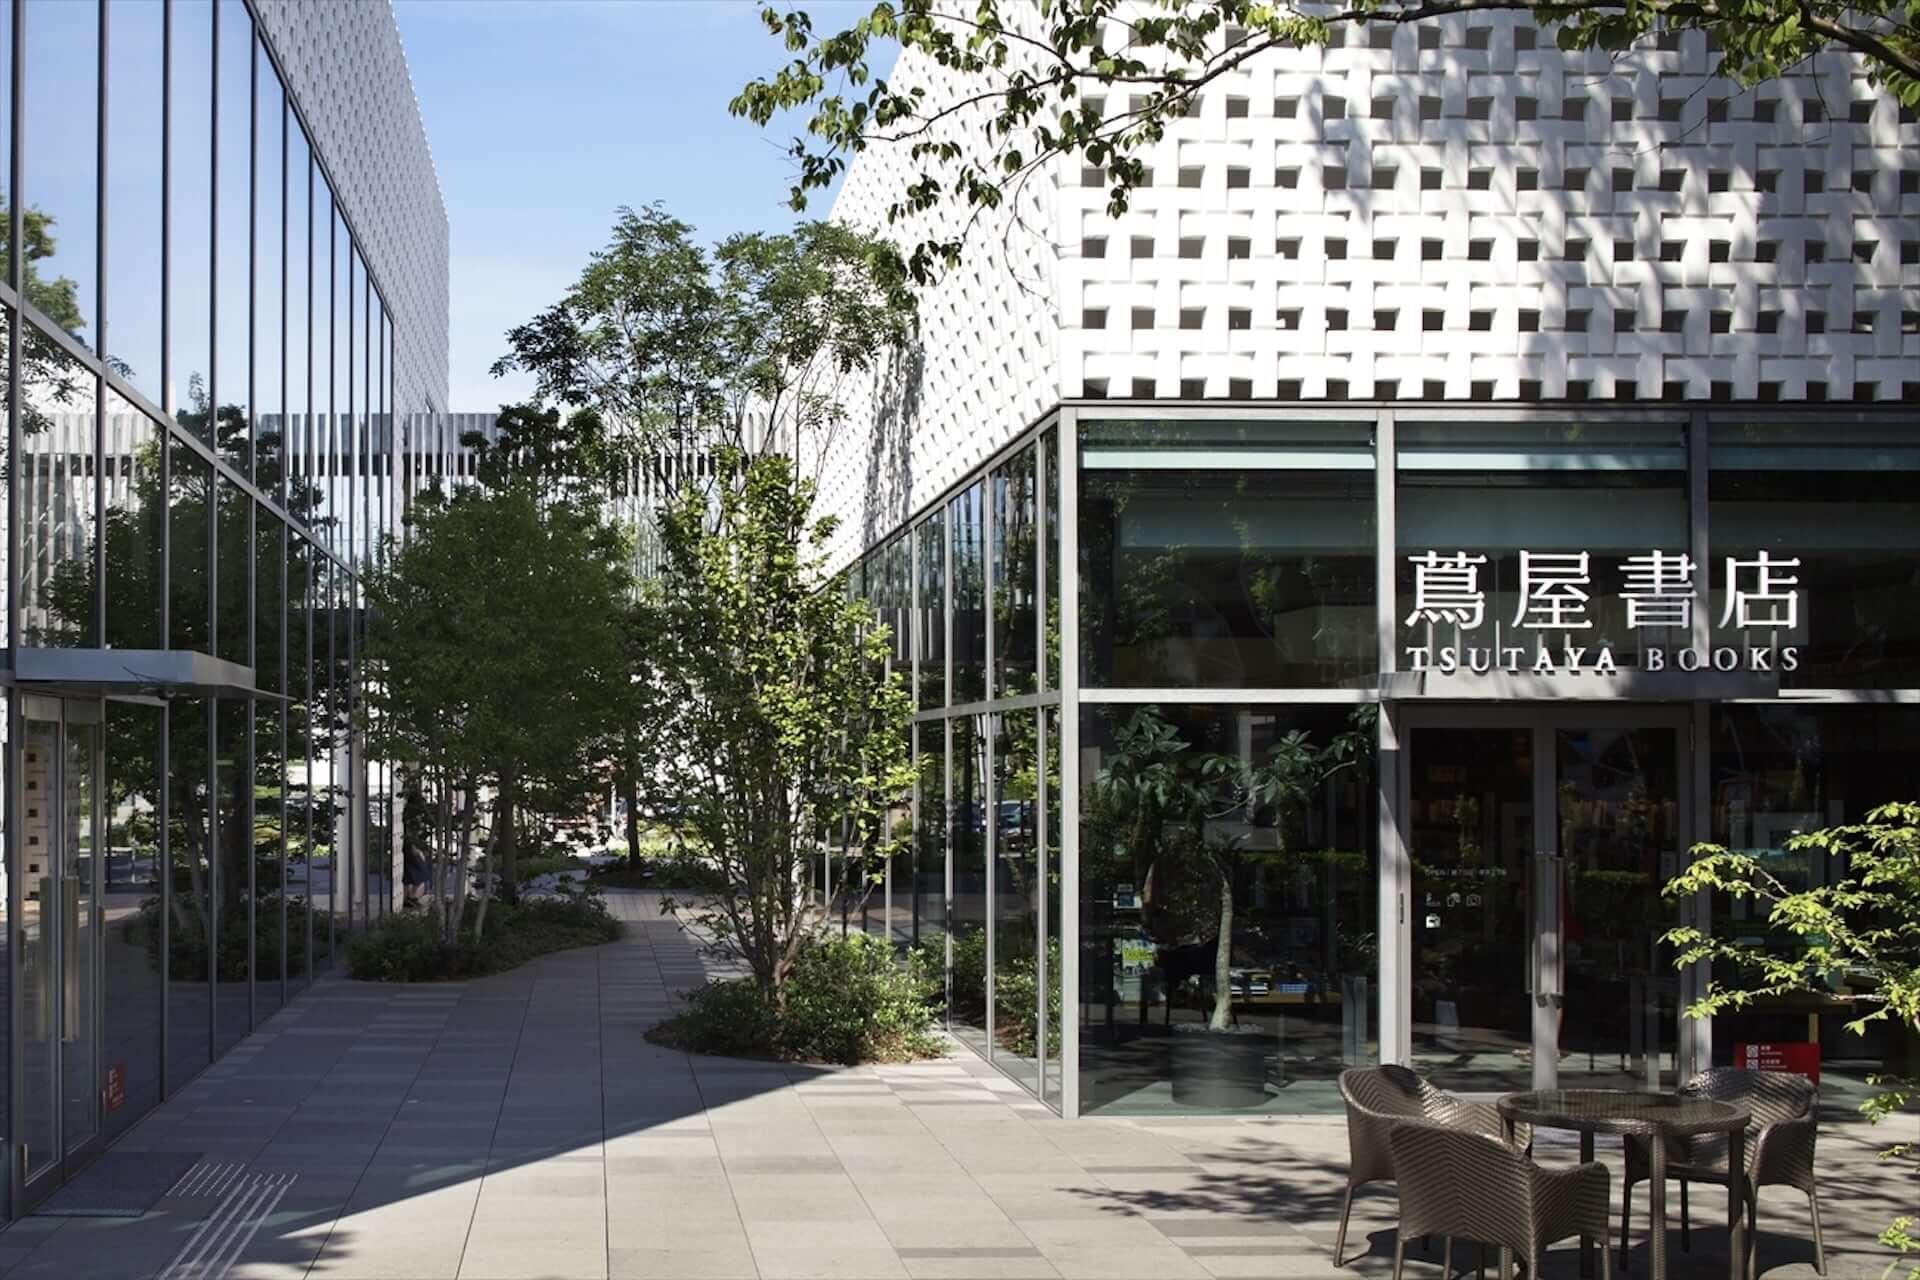 代官山 蔦屋書店でクラフトアートを買える<Giving Back 2020>フェアが開催中!額縁や花器などのインテリアが勢ぞろい art201125_tsite-daikanyama_1-1920x1280